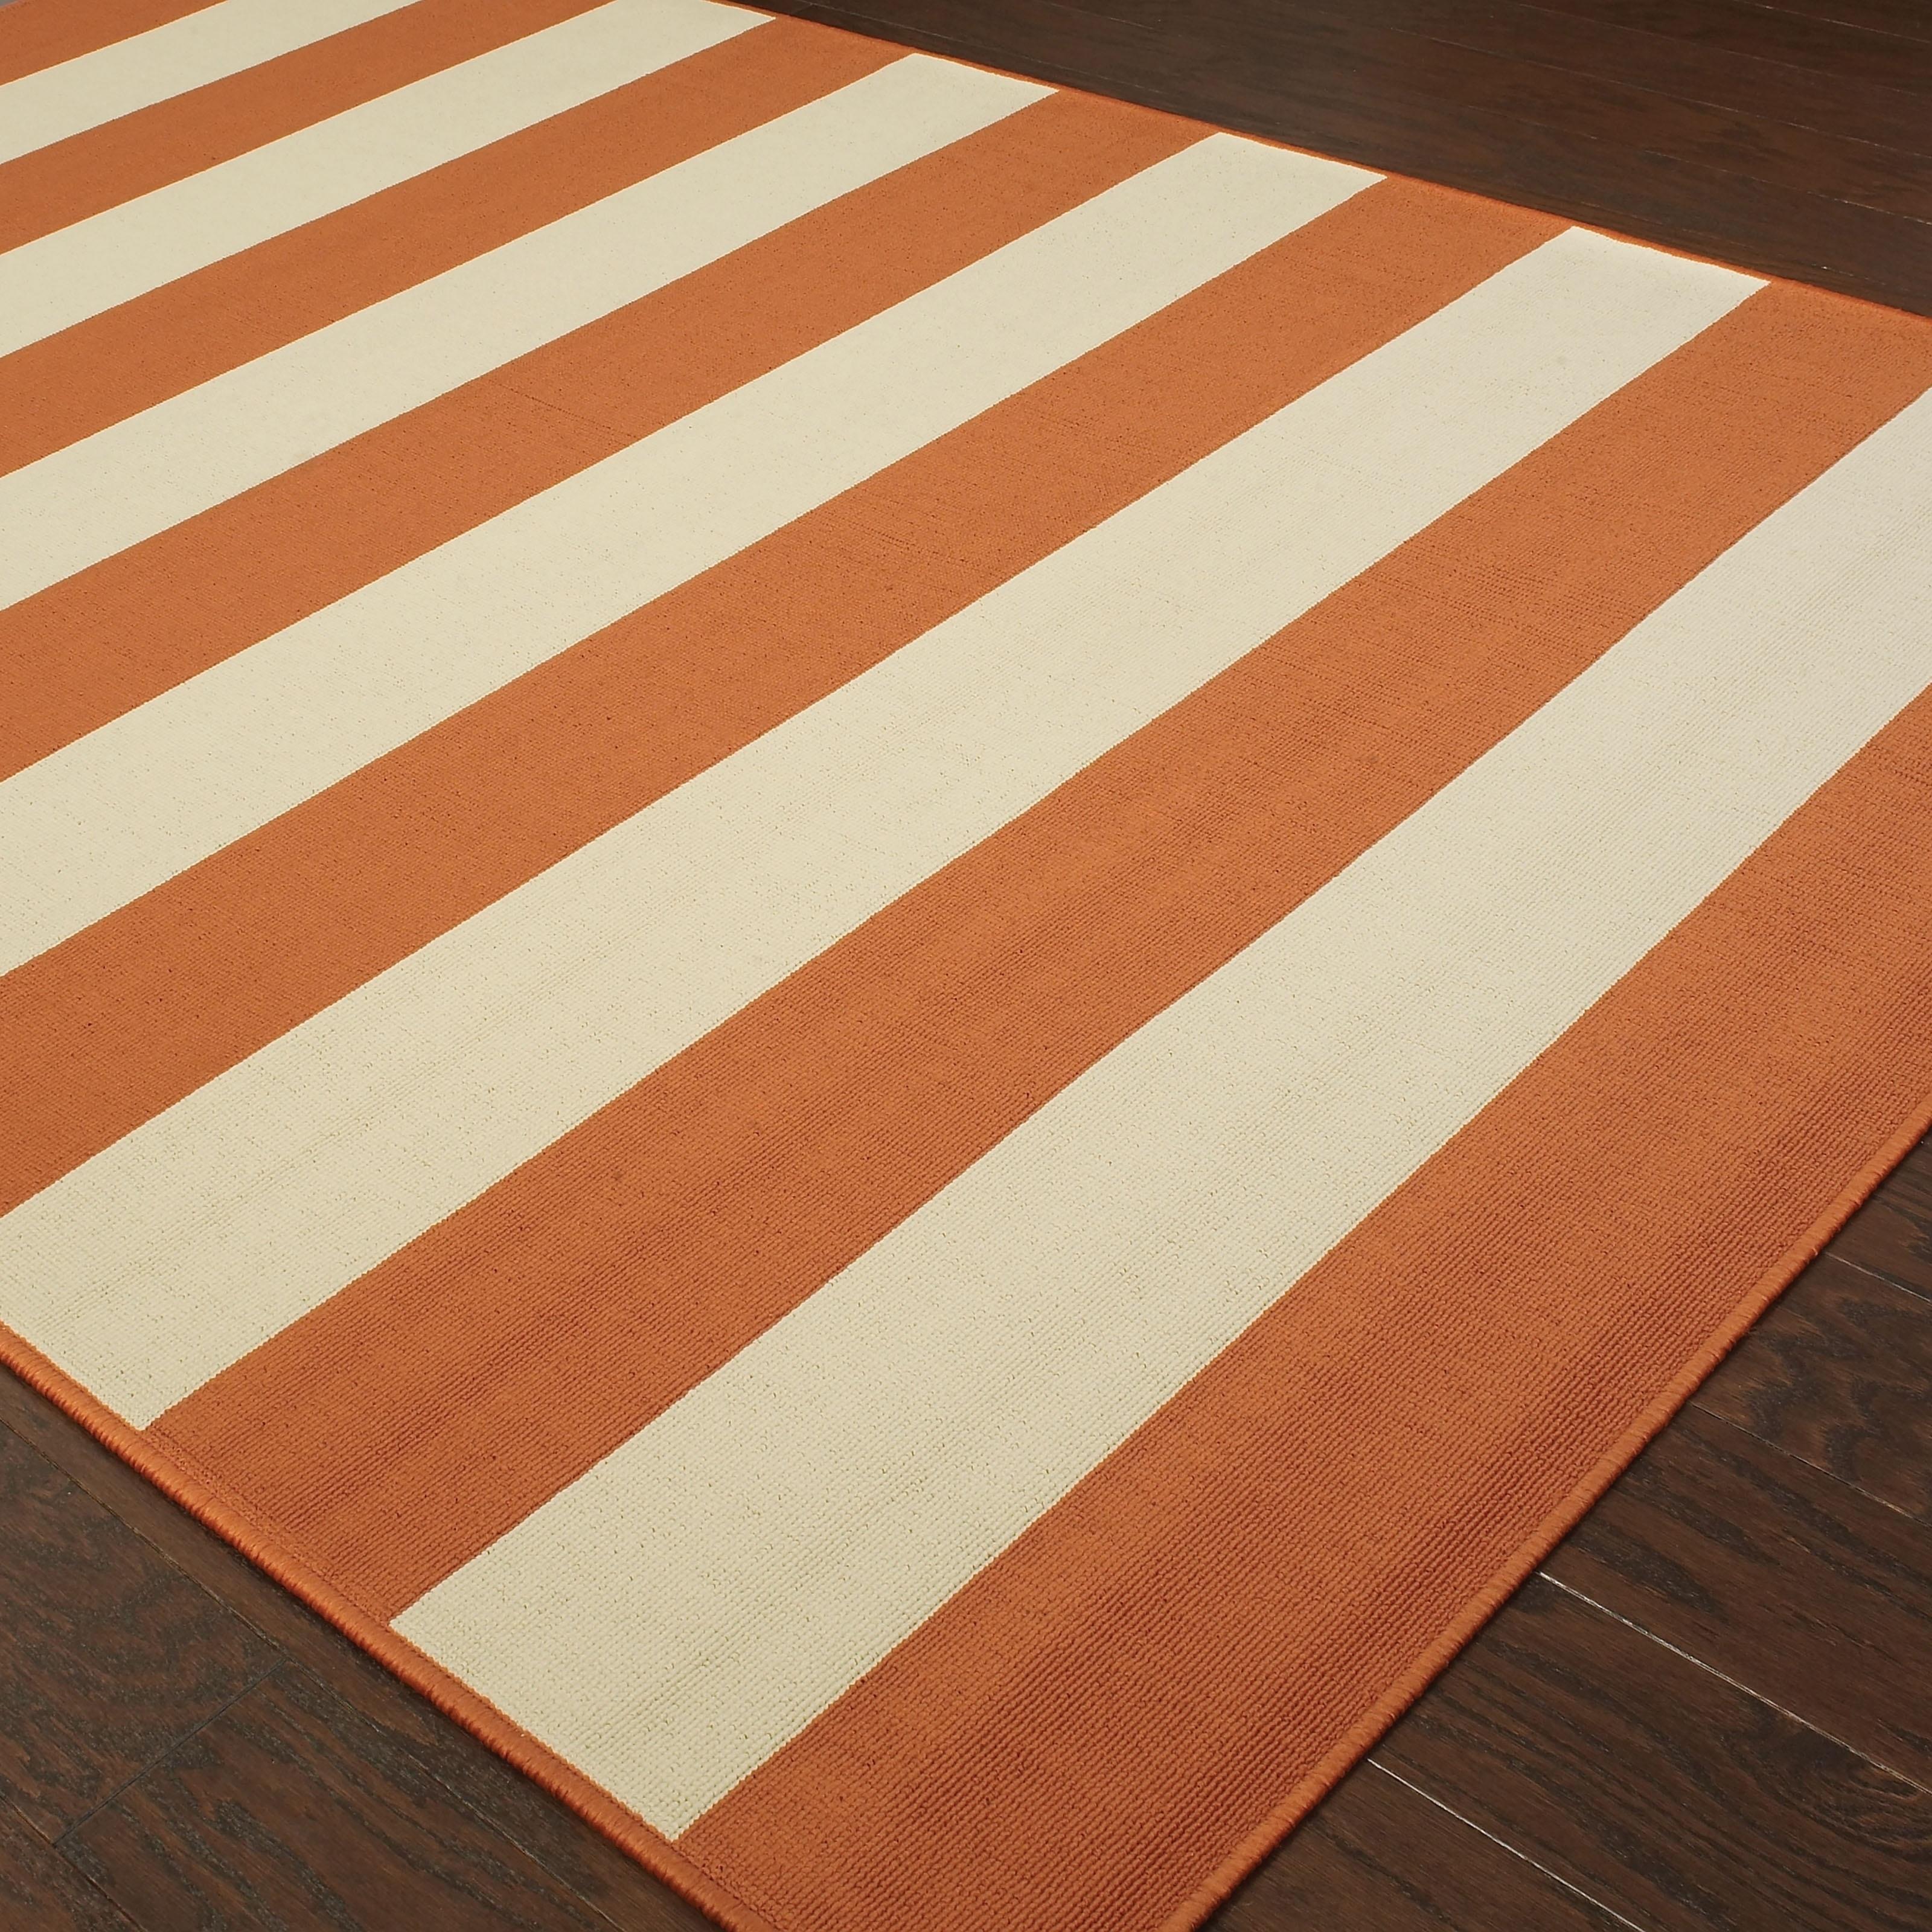 Momeni Baja Orange Cream Indoor Outdoor Area Rug For Sale Online Ebay